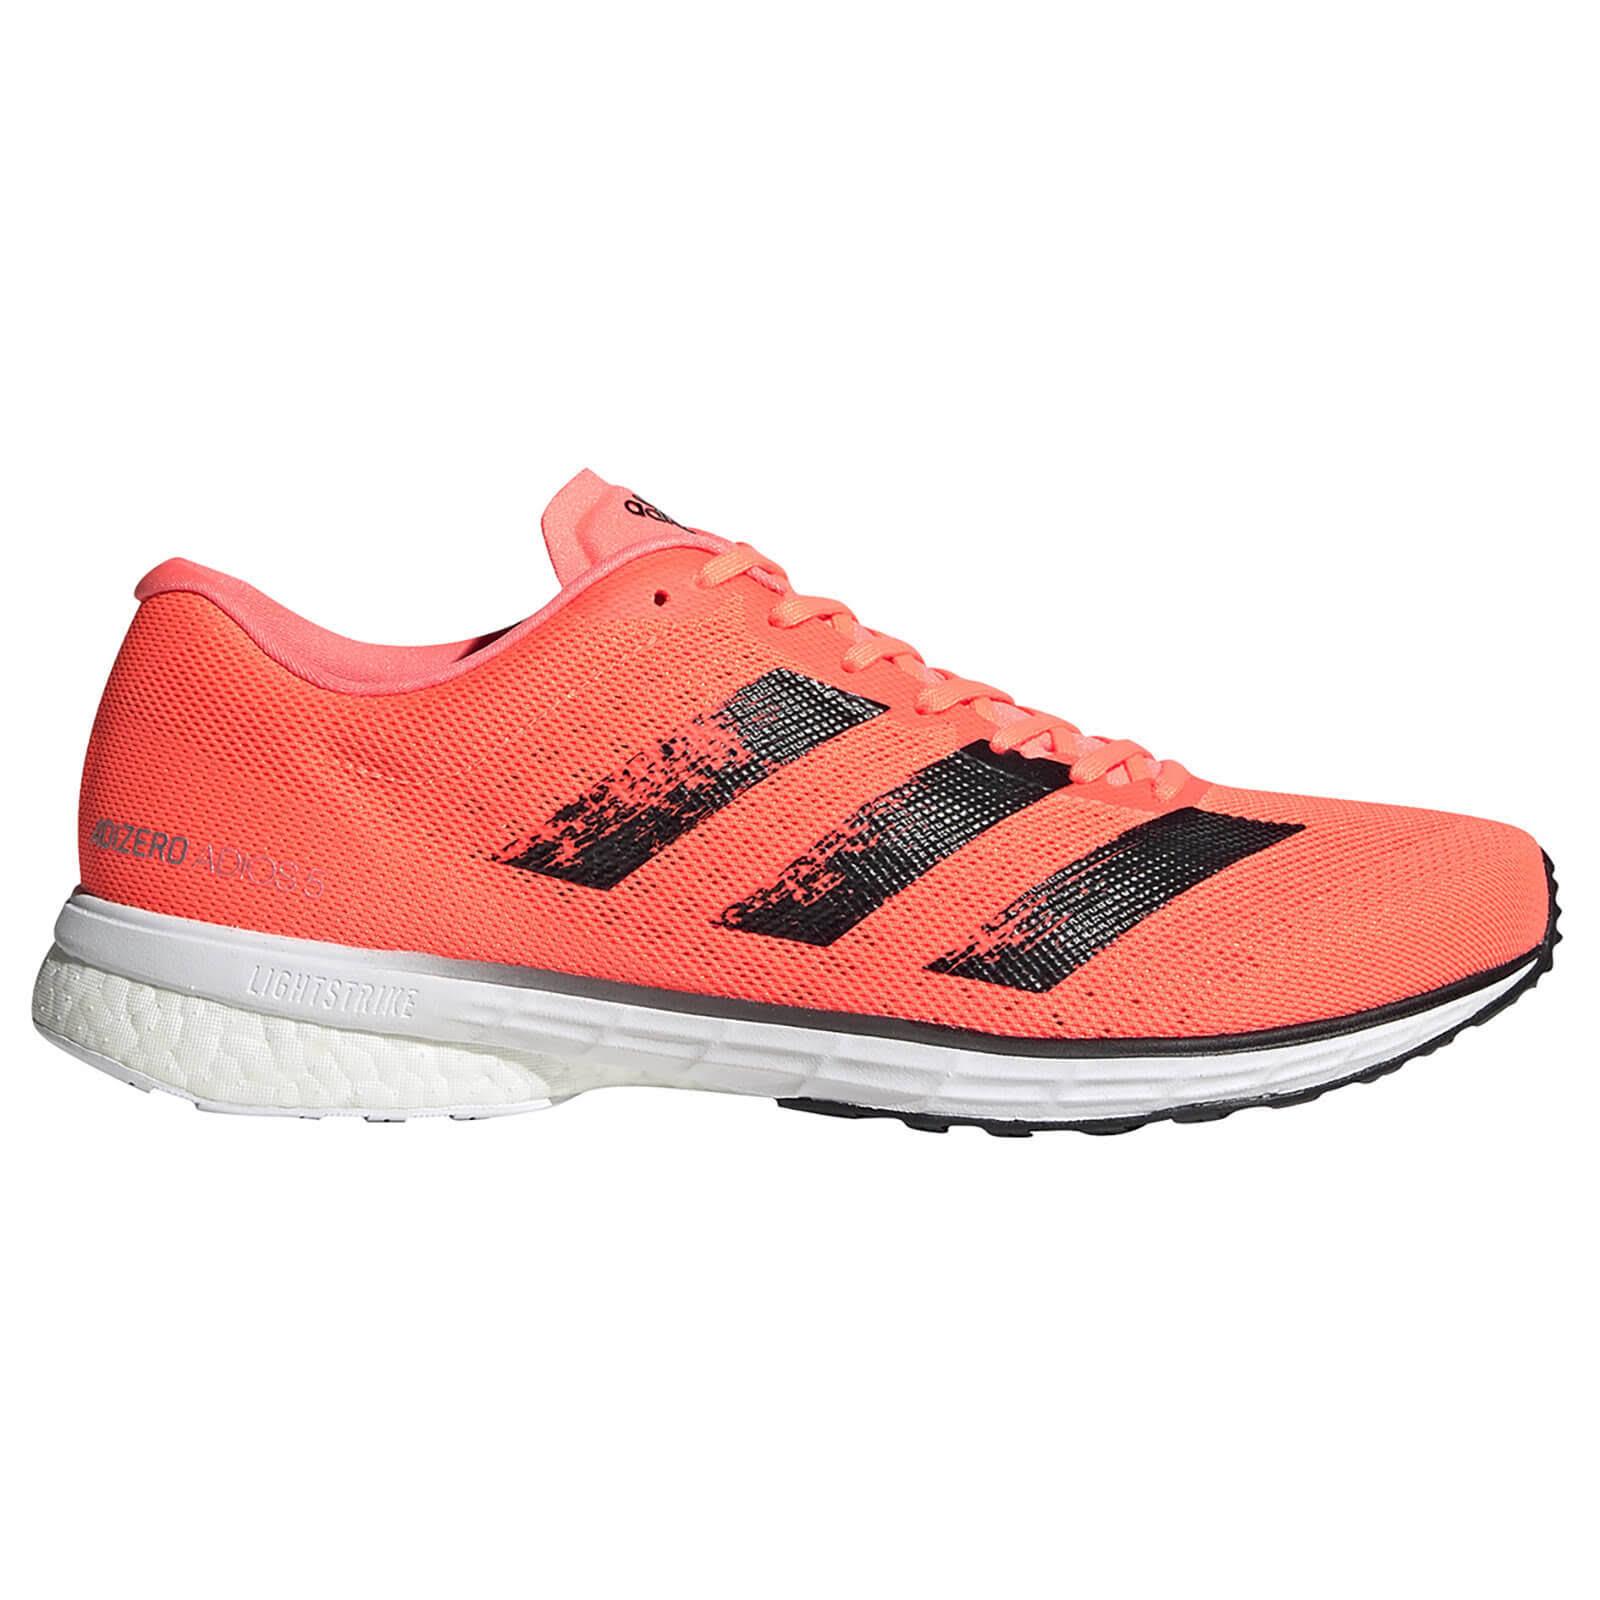 Adidas Adizero Adios 5 Running Shoes - Orange - 6